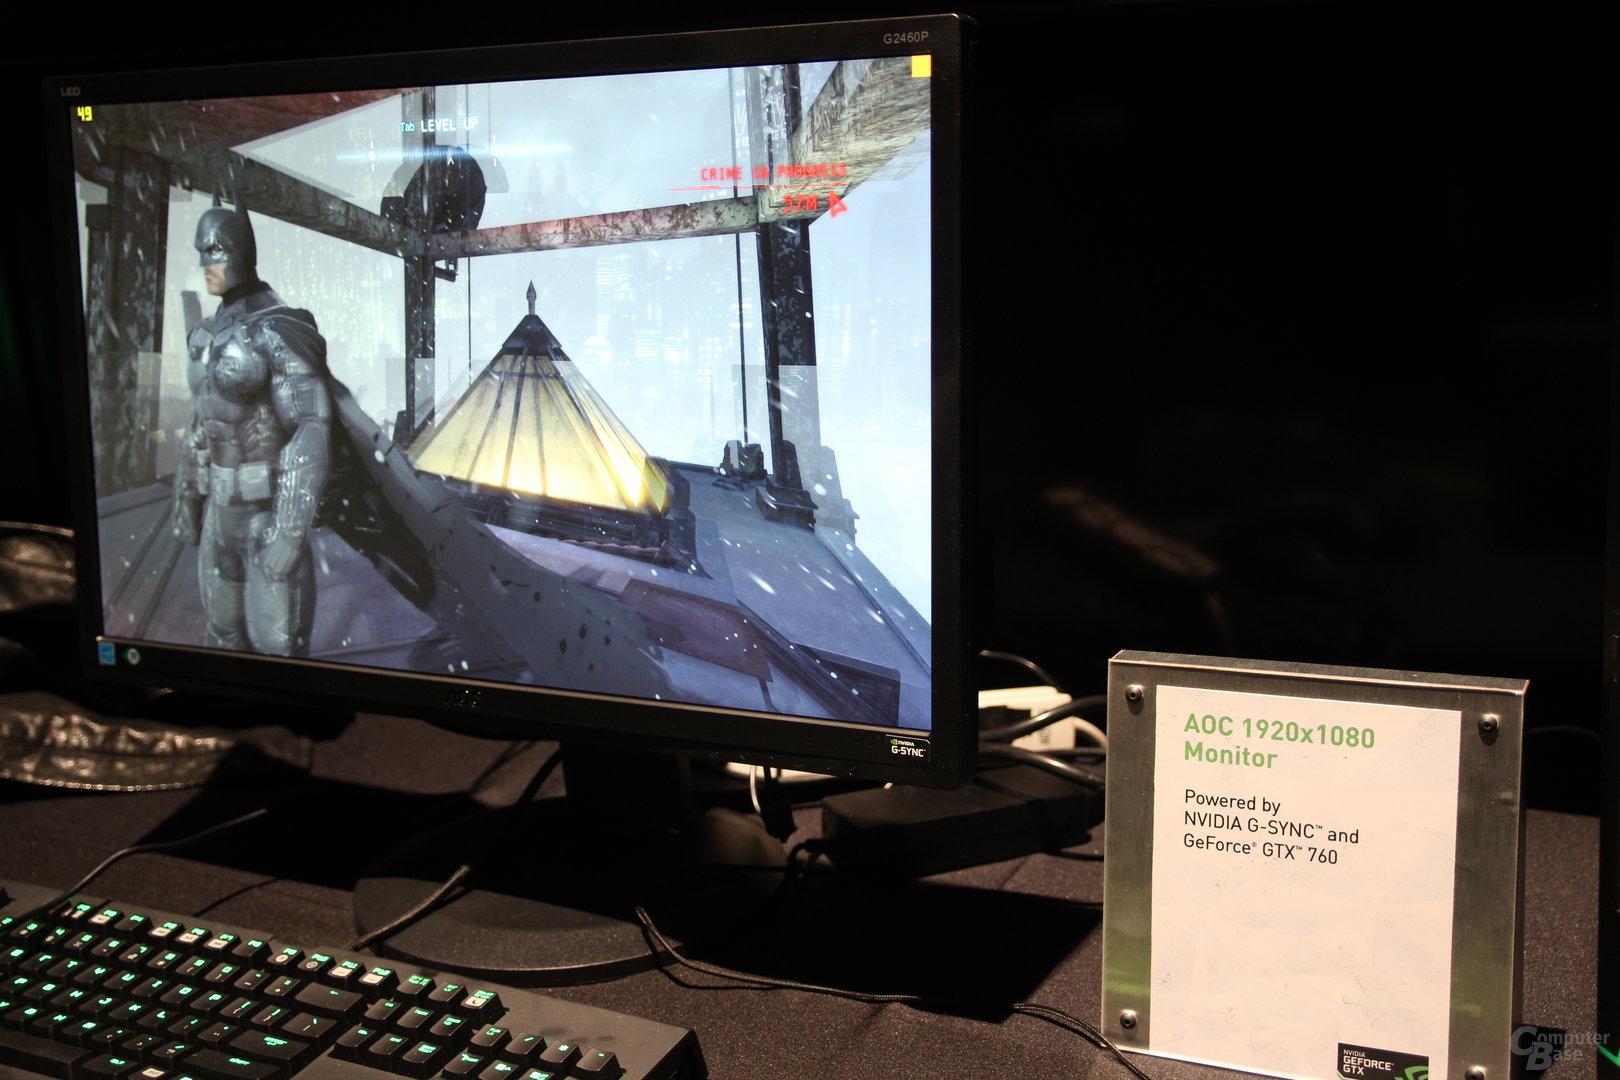 AOC-Monitor mit Nvidias G-Sync